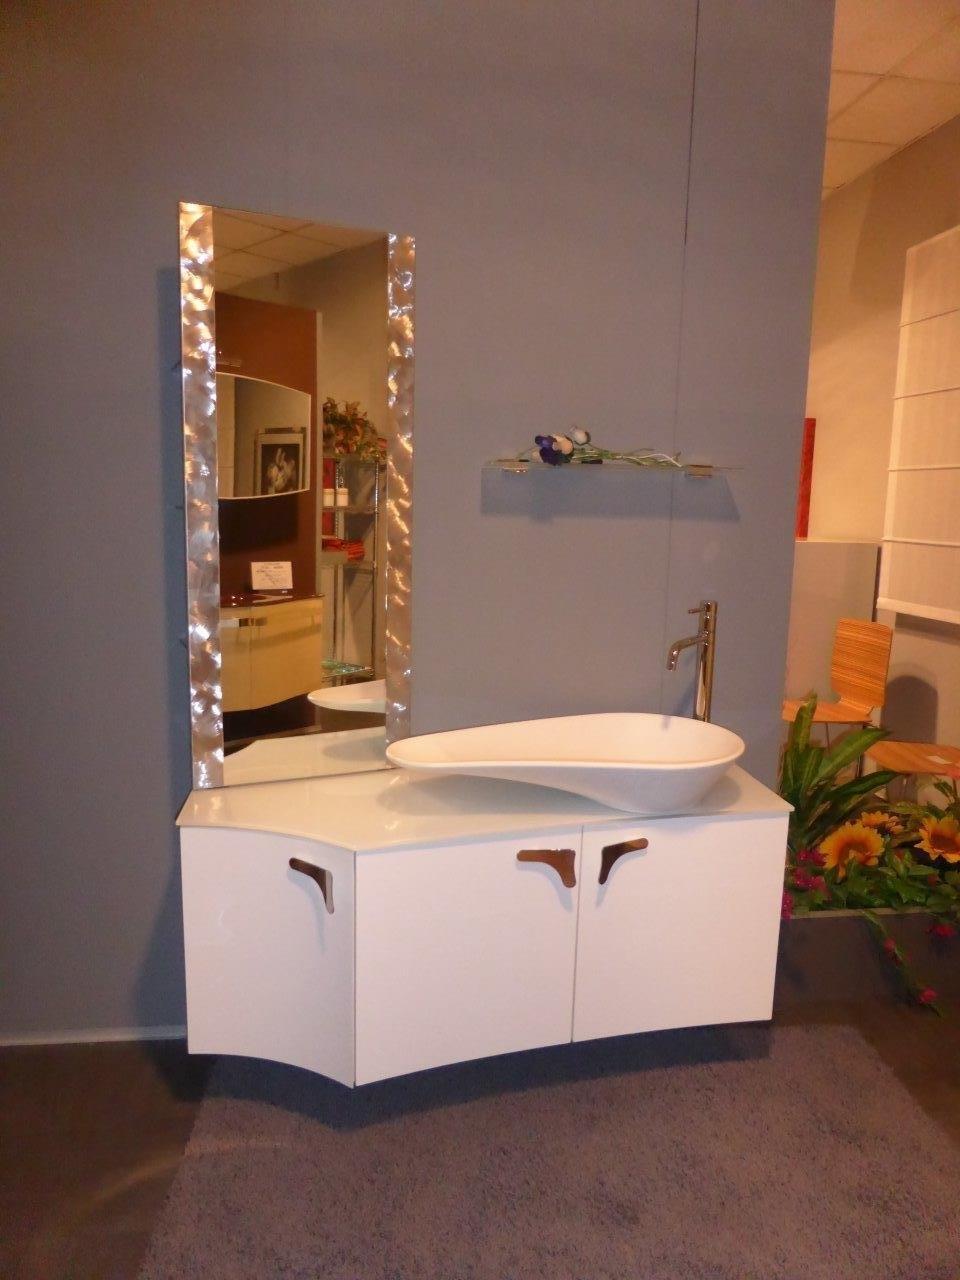 Bagno bianco lucido scontato arredo bagno a prezzi scontati - Bagno bianco lucido ...